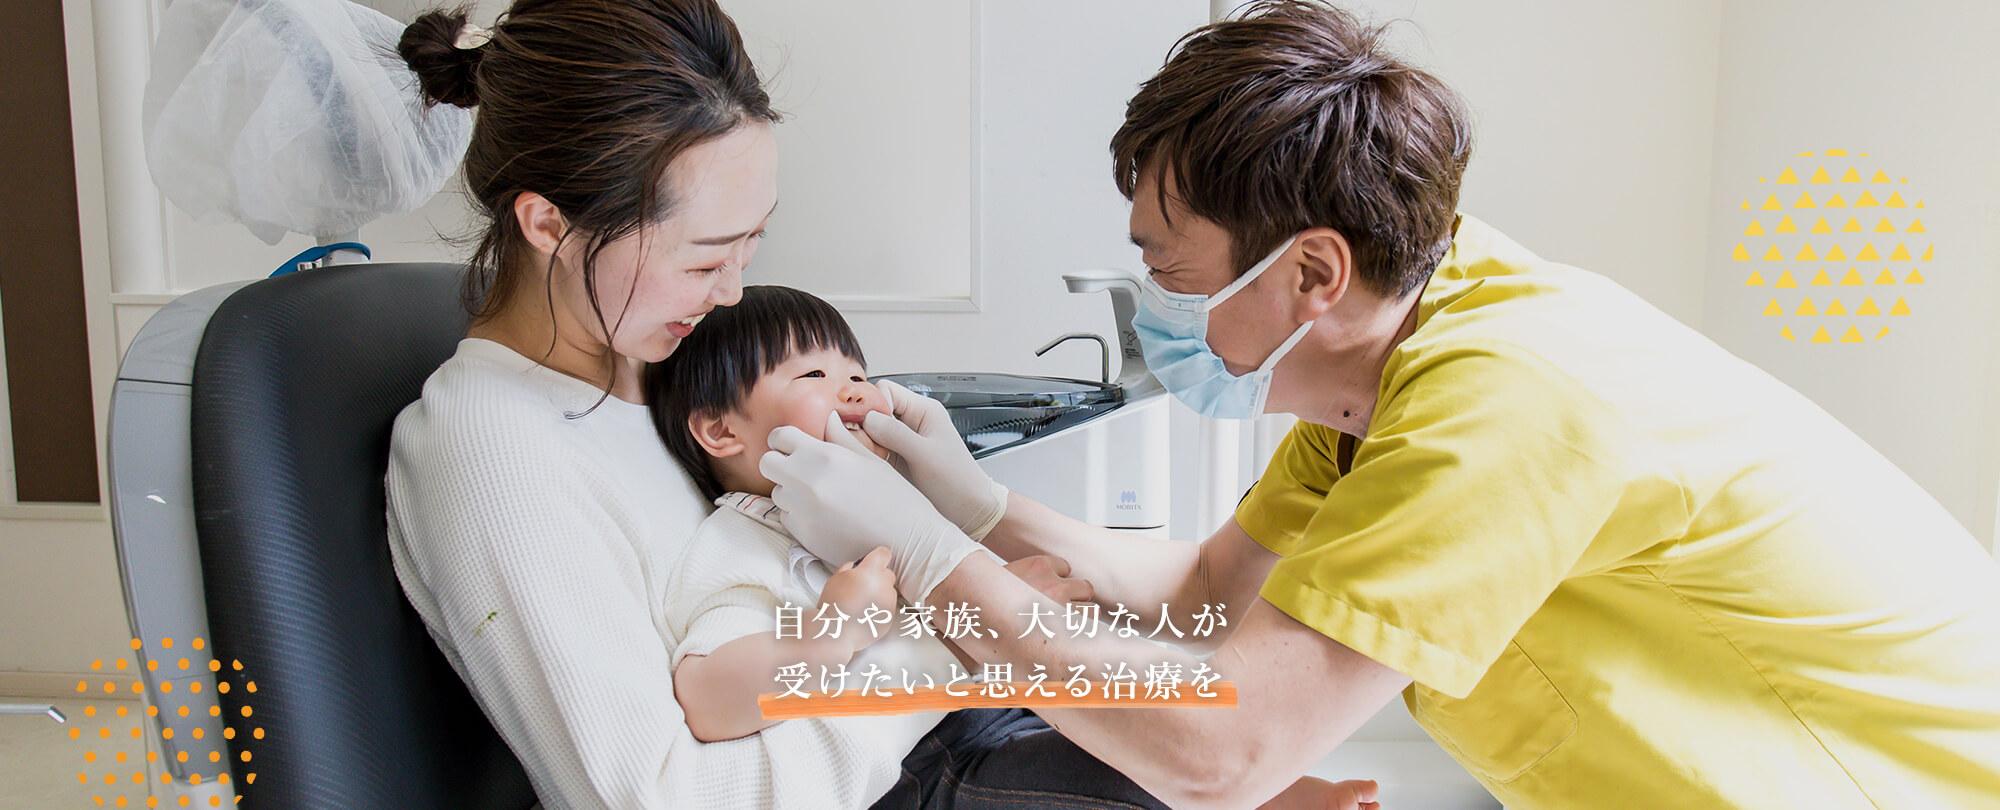 和歌山県橋本市の歯医者さん「おかだ歯科クリニック」